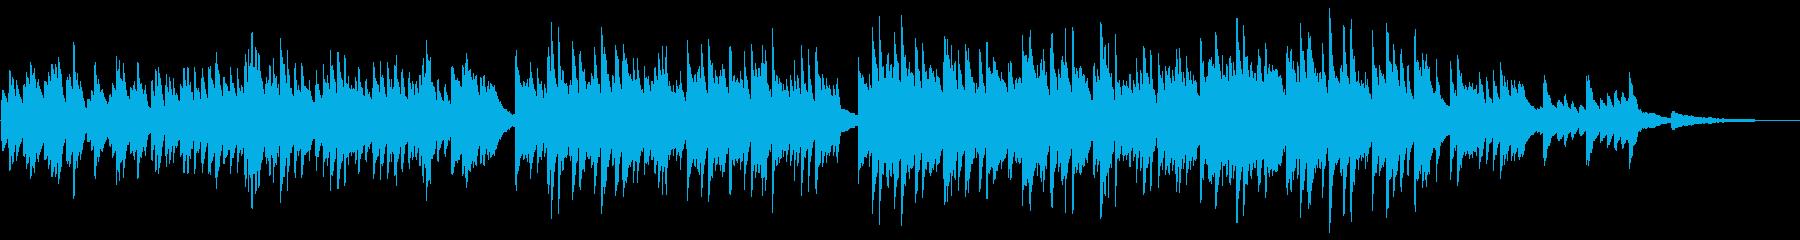 ほのぼのとした優しい ピアノ・ワルツの再生済みの波形